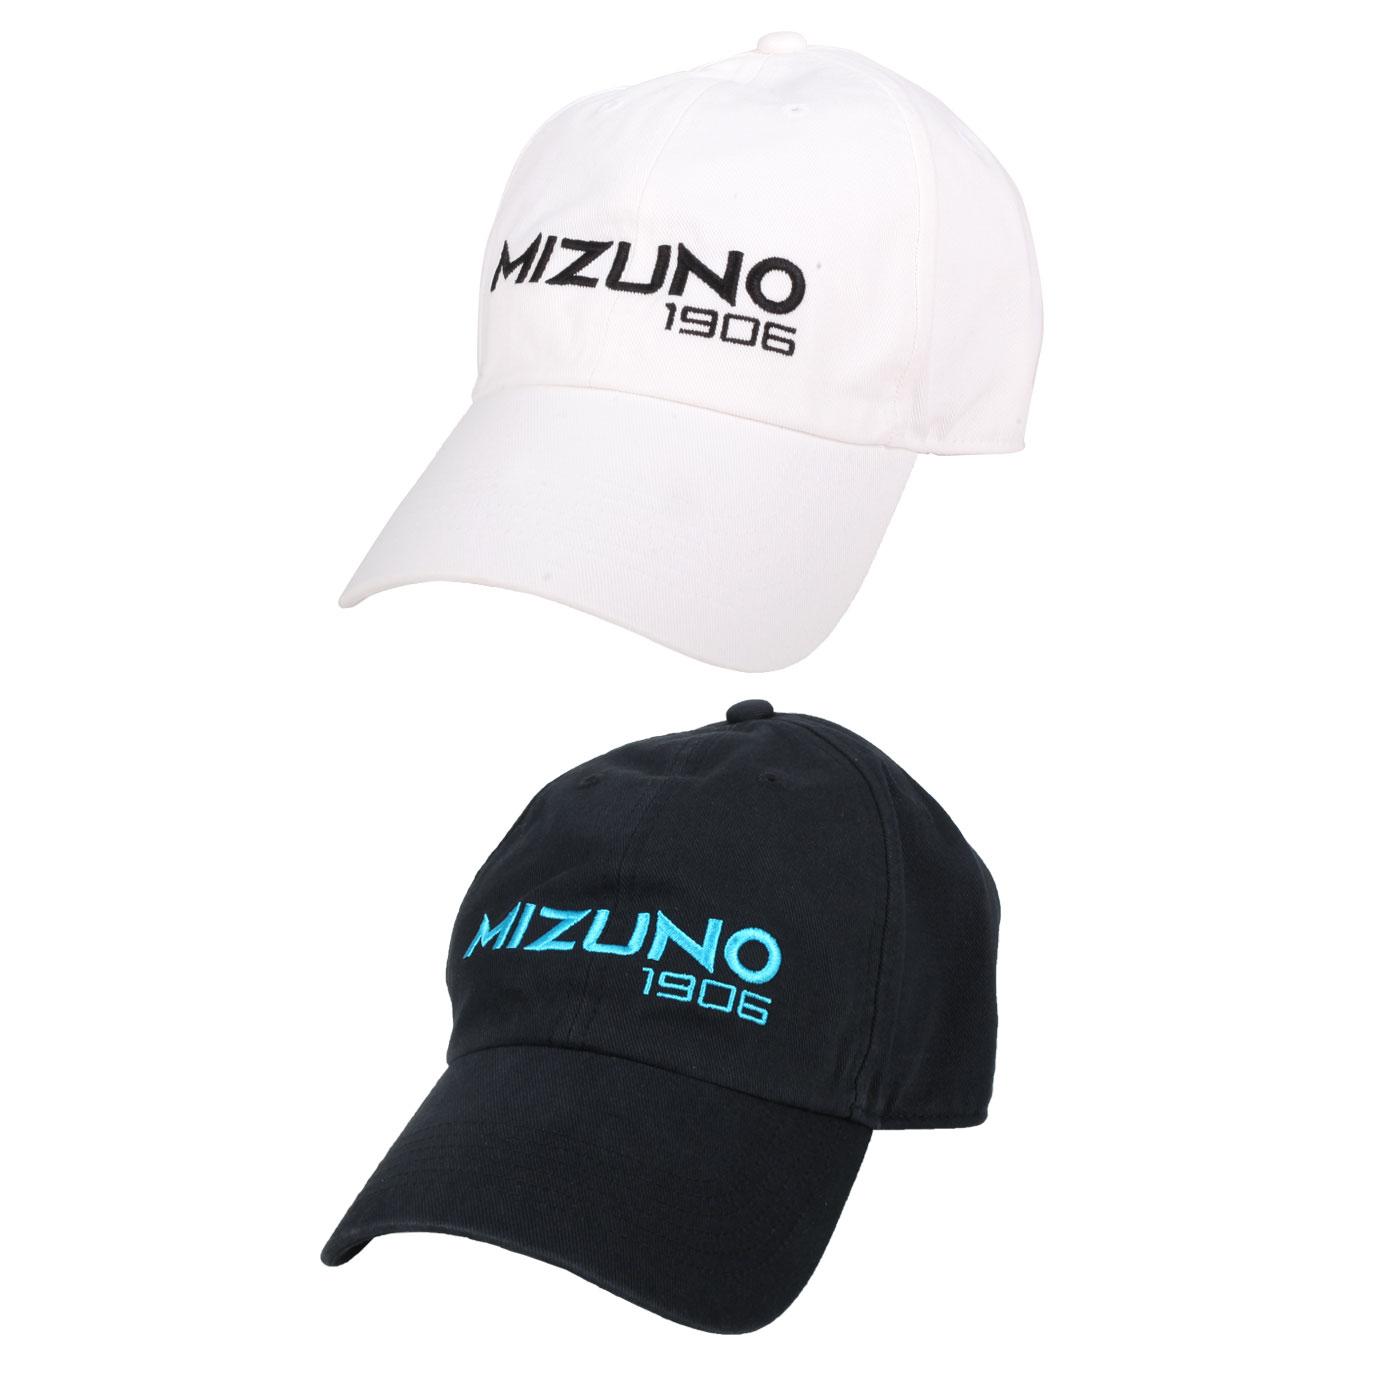 MIZUNO 1906系列運動帽 D2TW000501